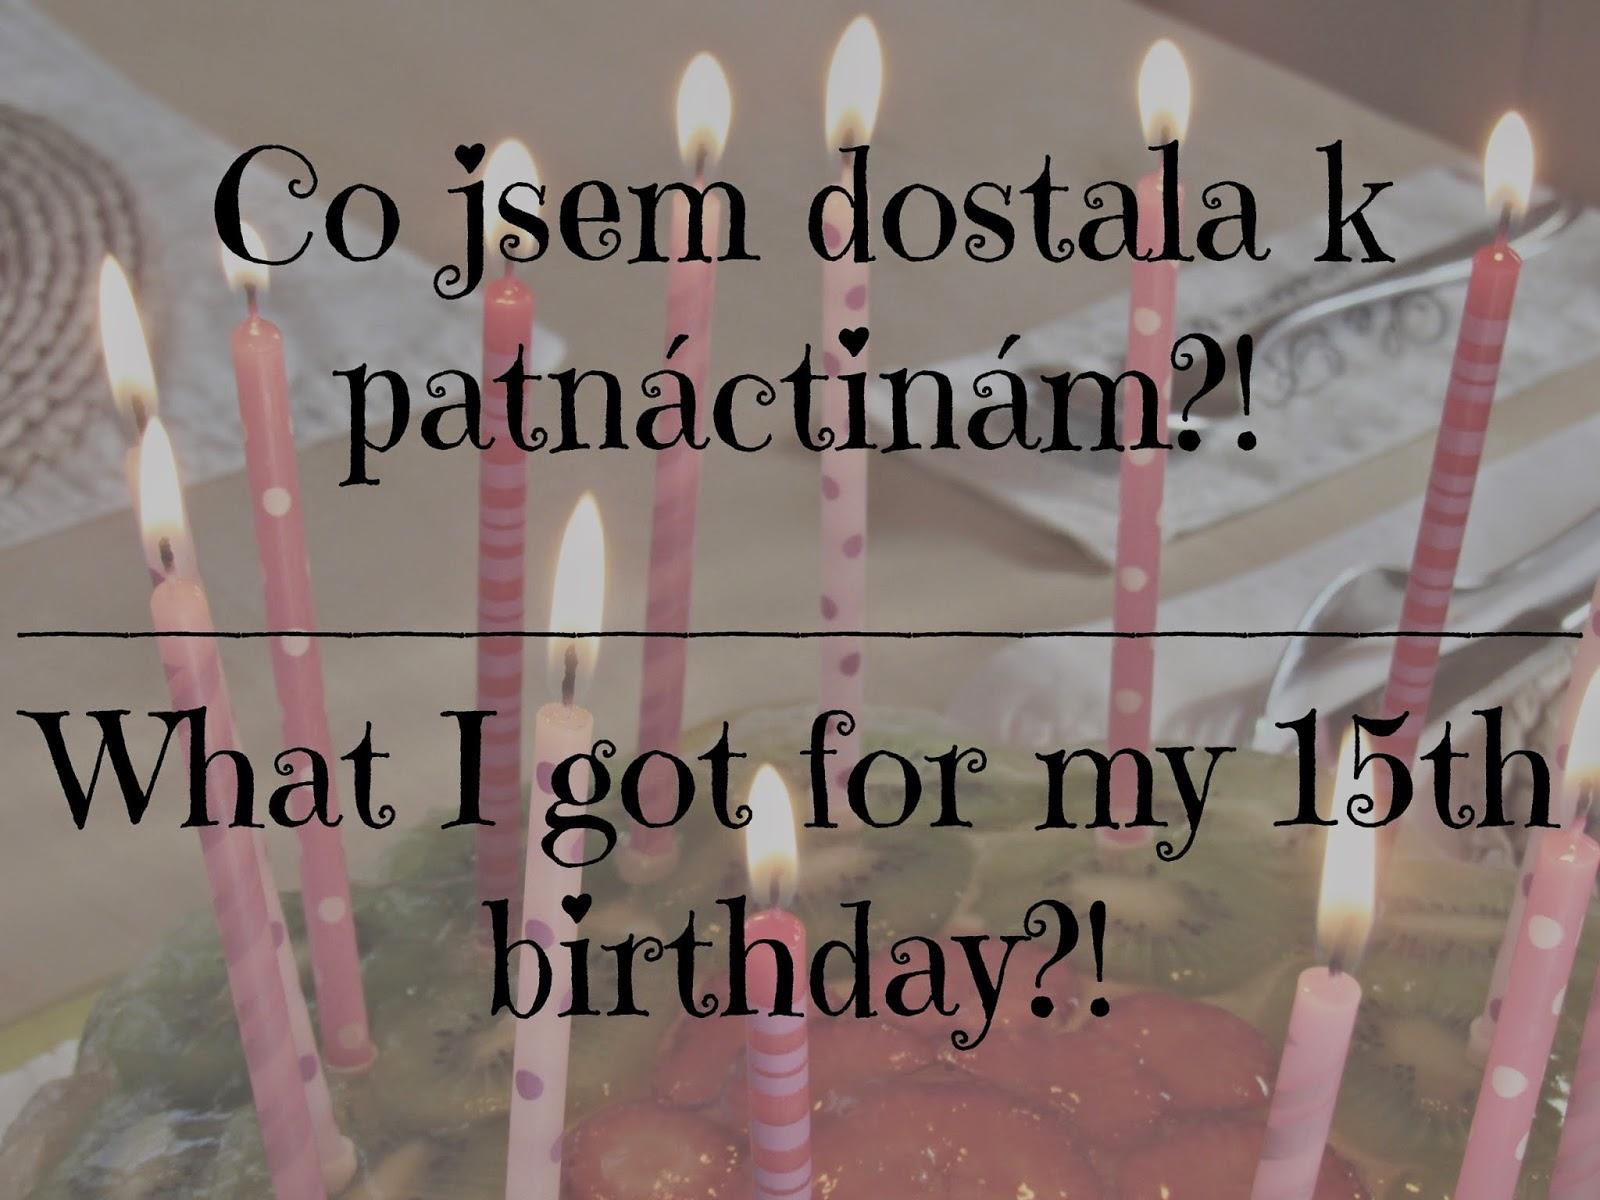 co si přát k 15 narozeninám Dostala Jsem Moooc Hezké Věci   REV co si přát k 15 narozeninám